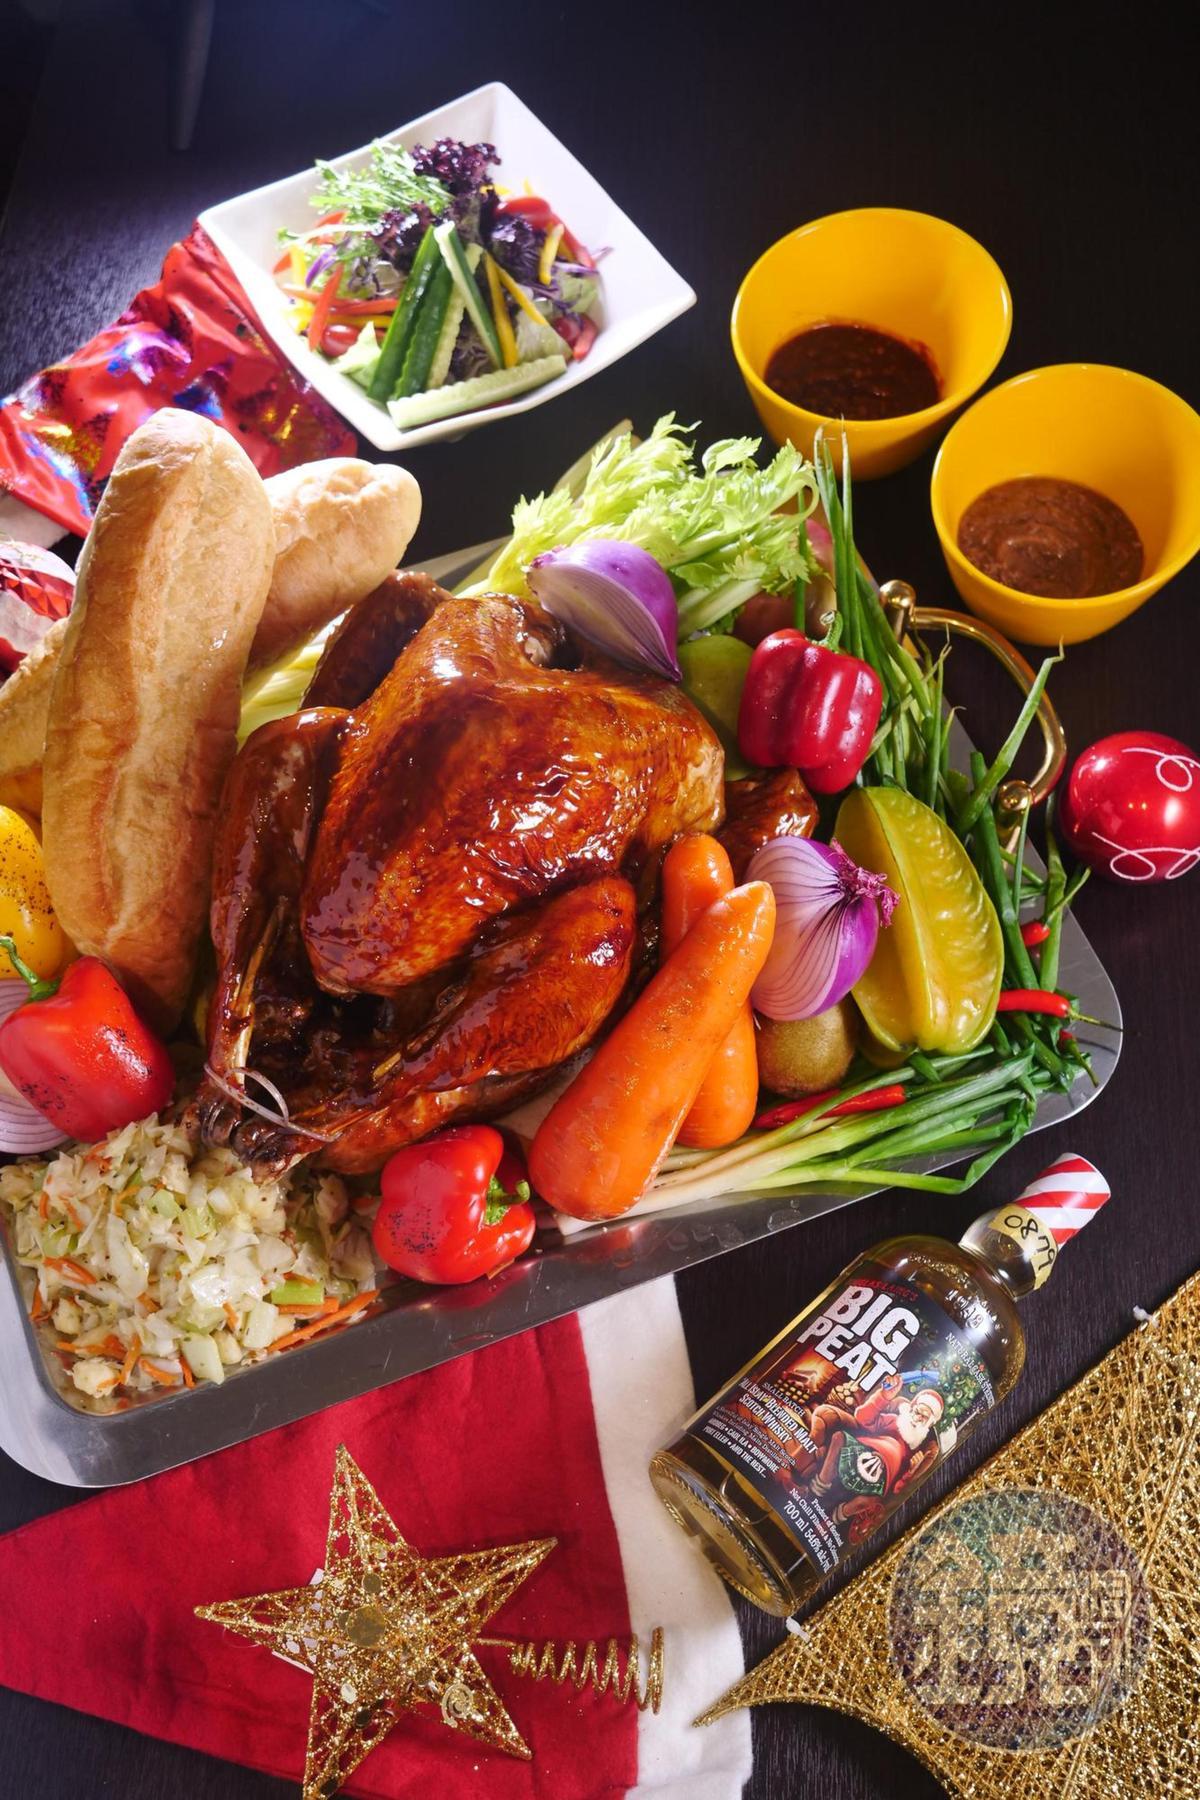 繽紛西餐廳的「感恩聖誕節火雞禮籃組」,足以餵飽全家人。(外帶火雞禮籃組2,288元、火雞禮籃升等全餐組2,688元,需3天前預訂)